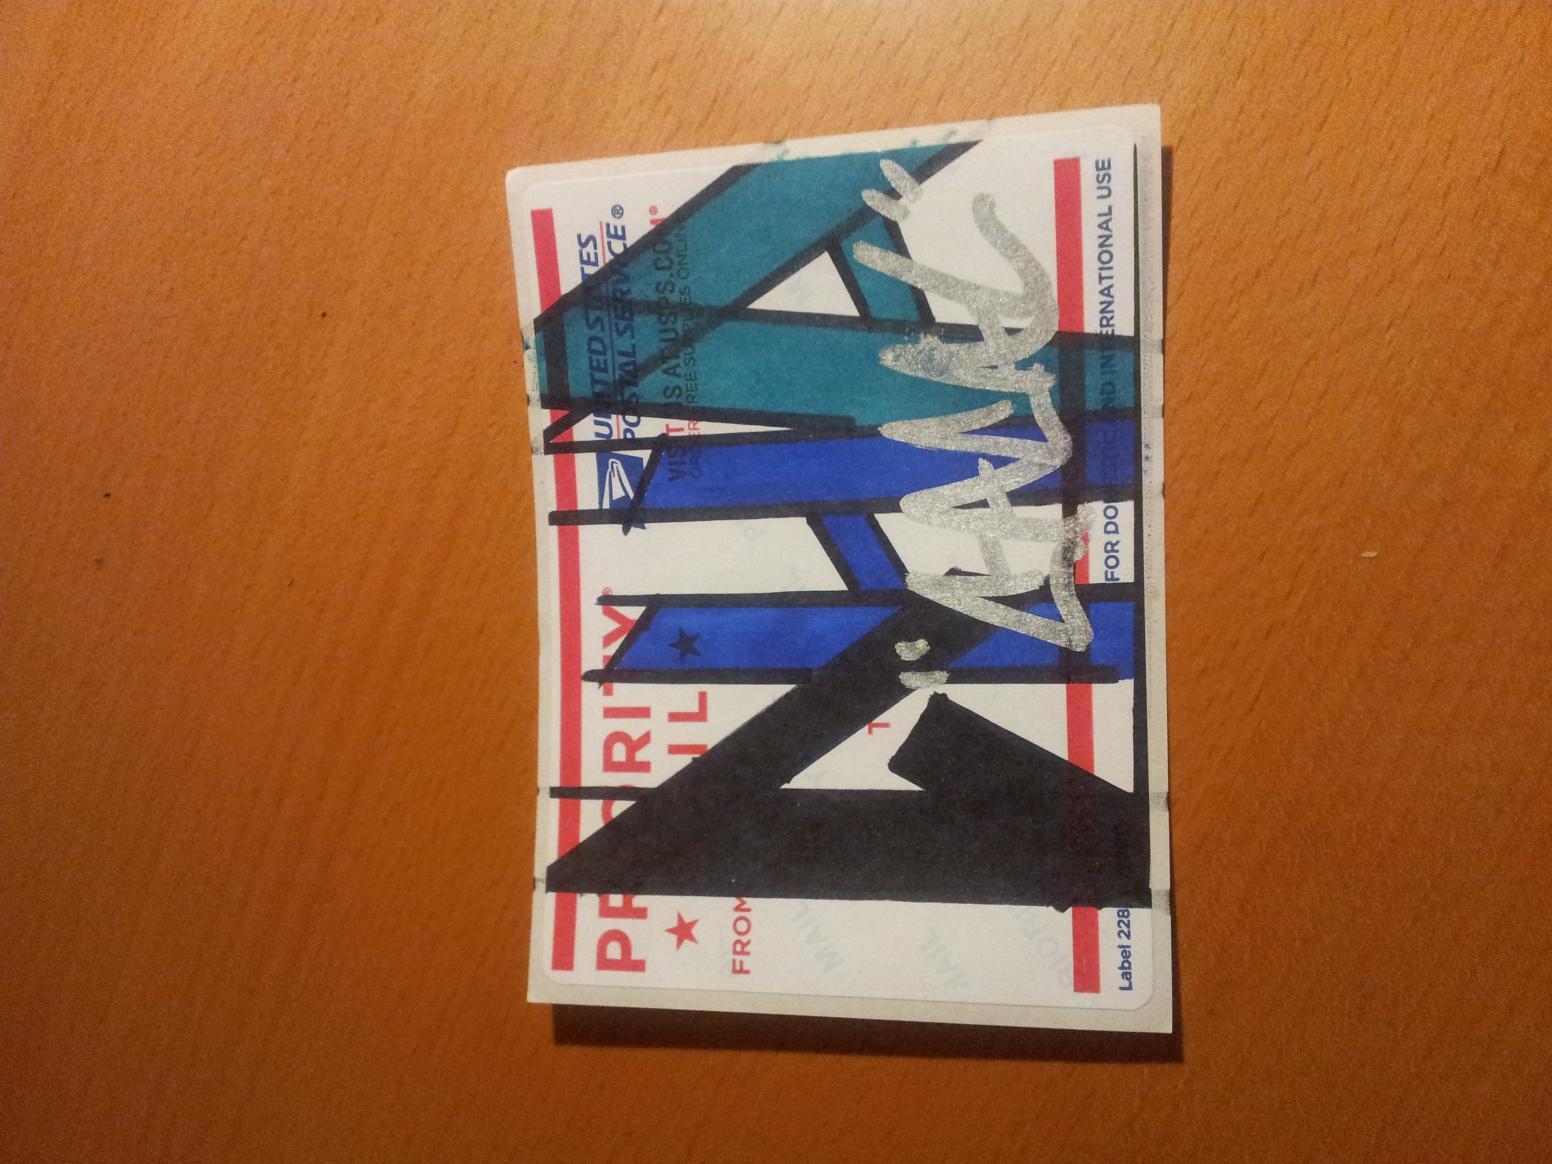 Sticker #1.jpg